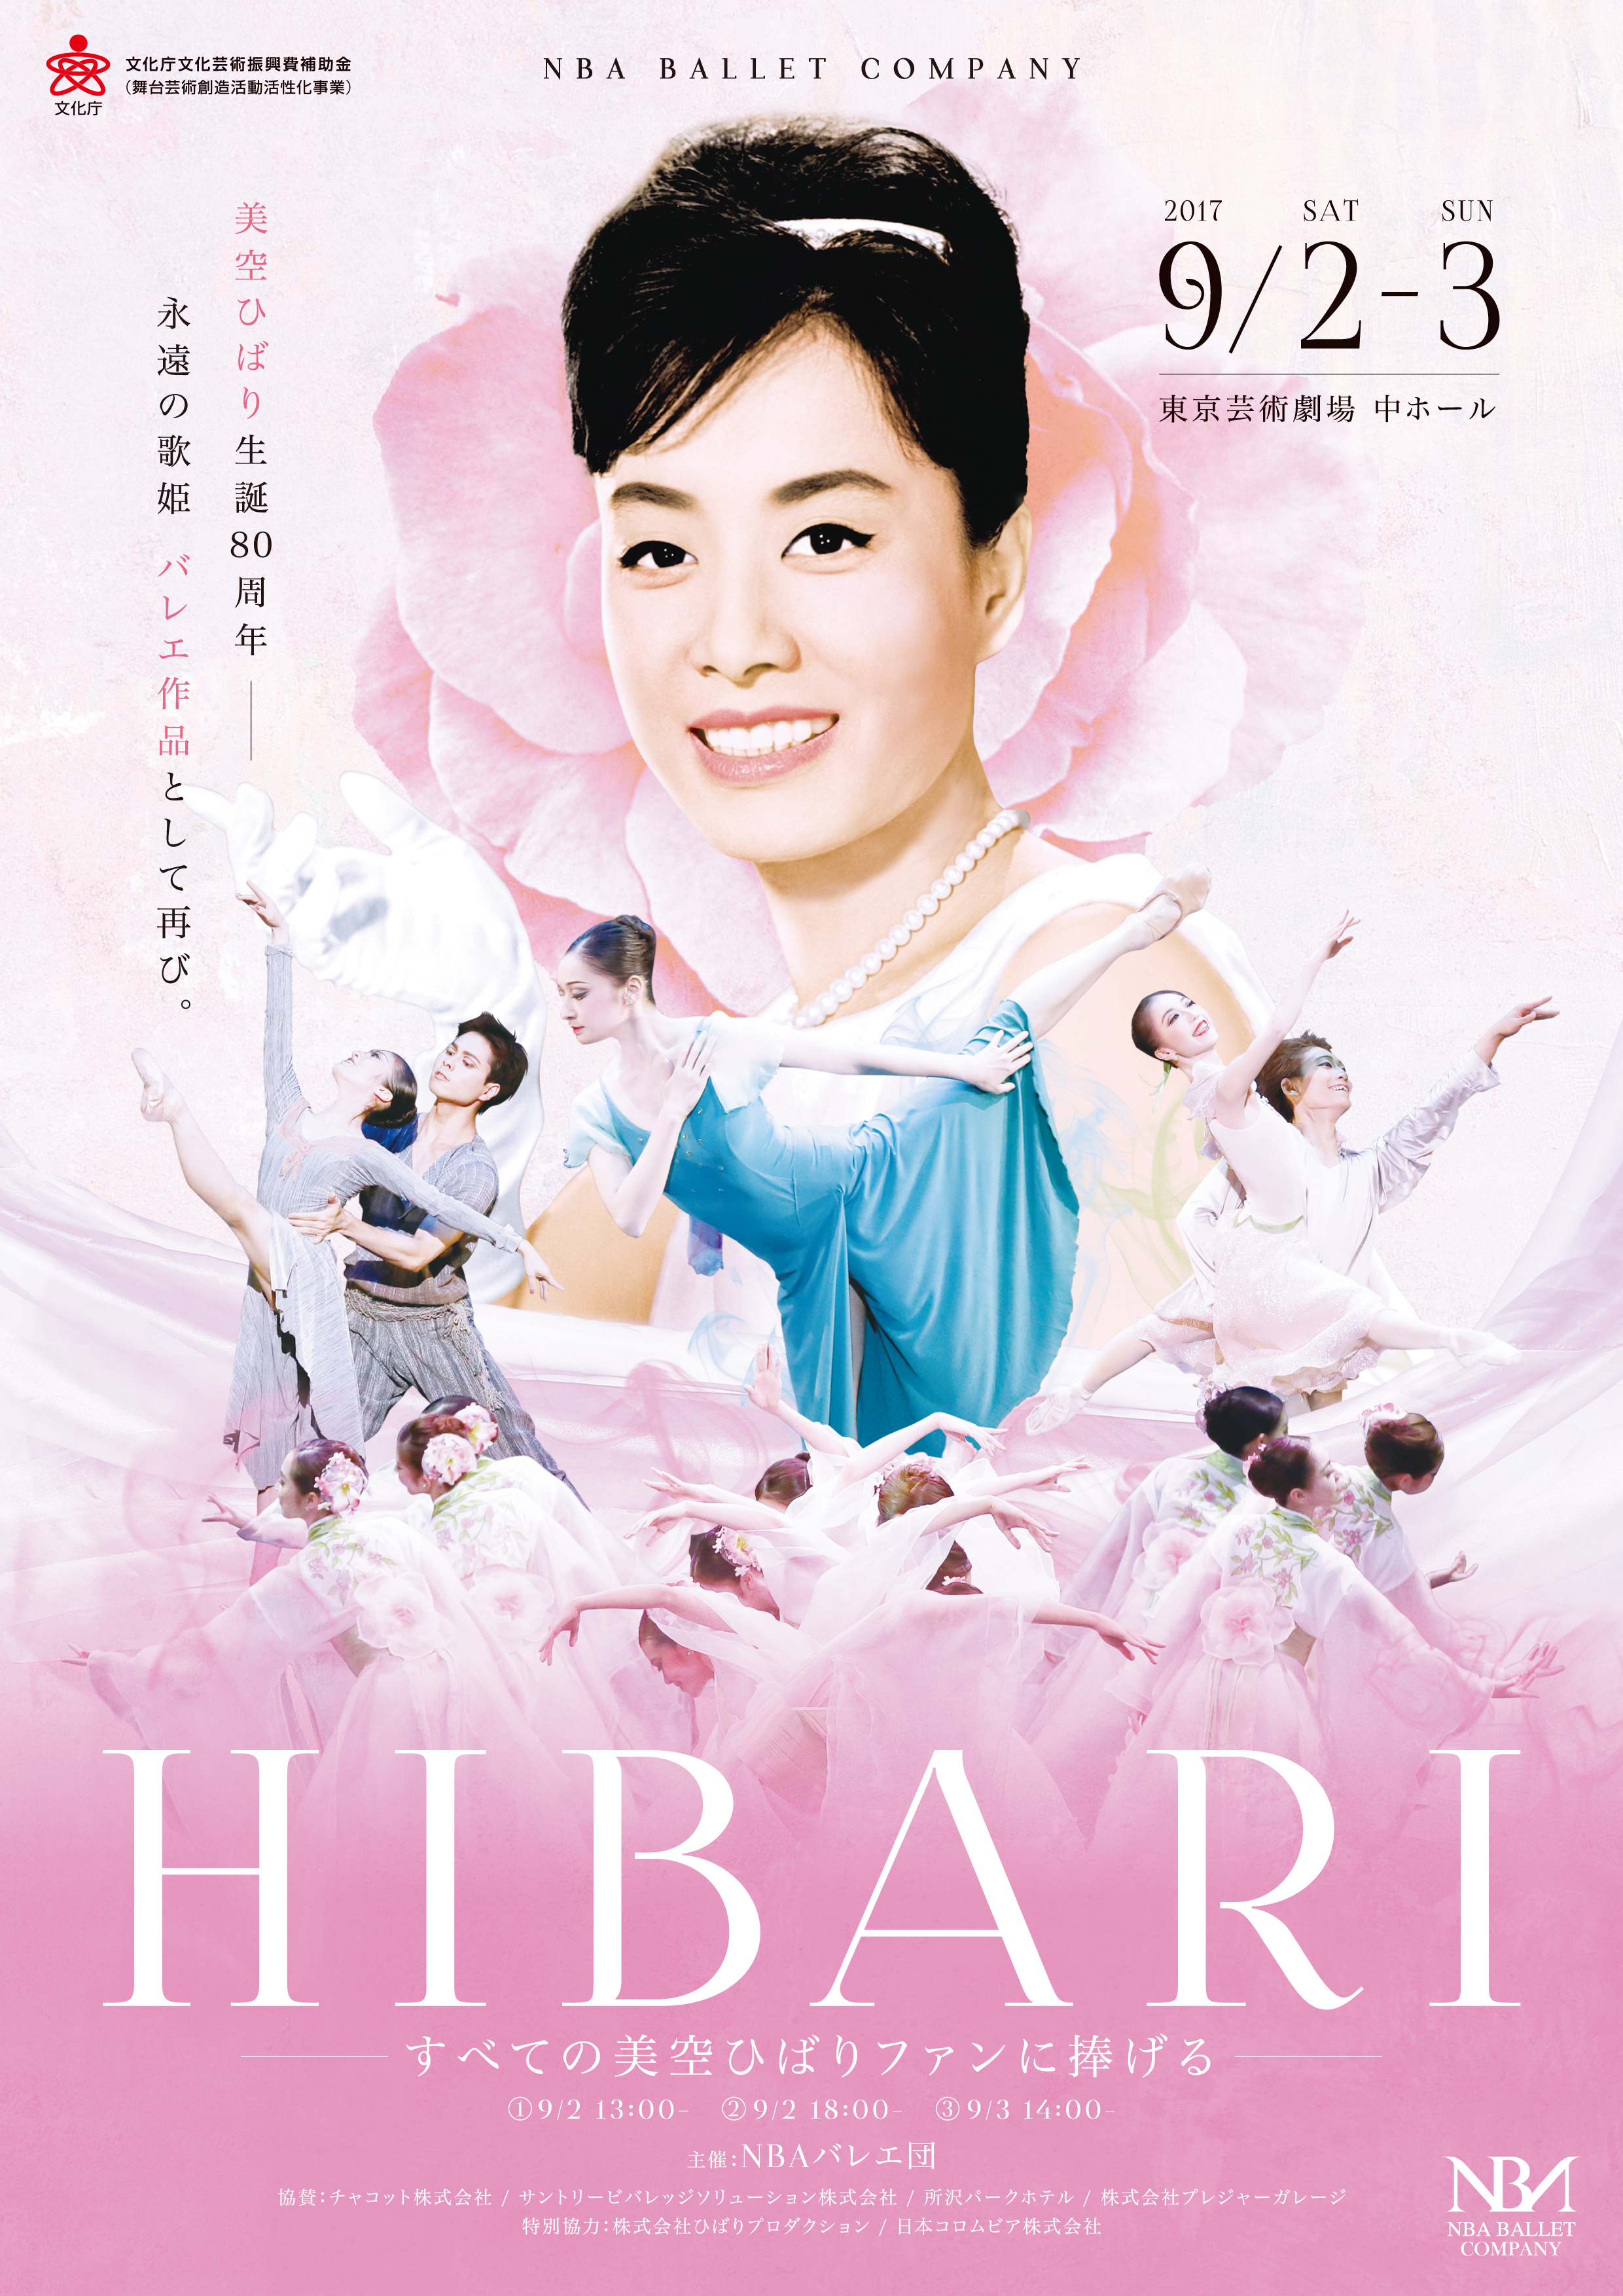 HIBARI_A4_5.16_ol